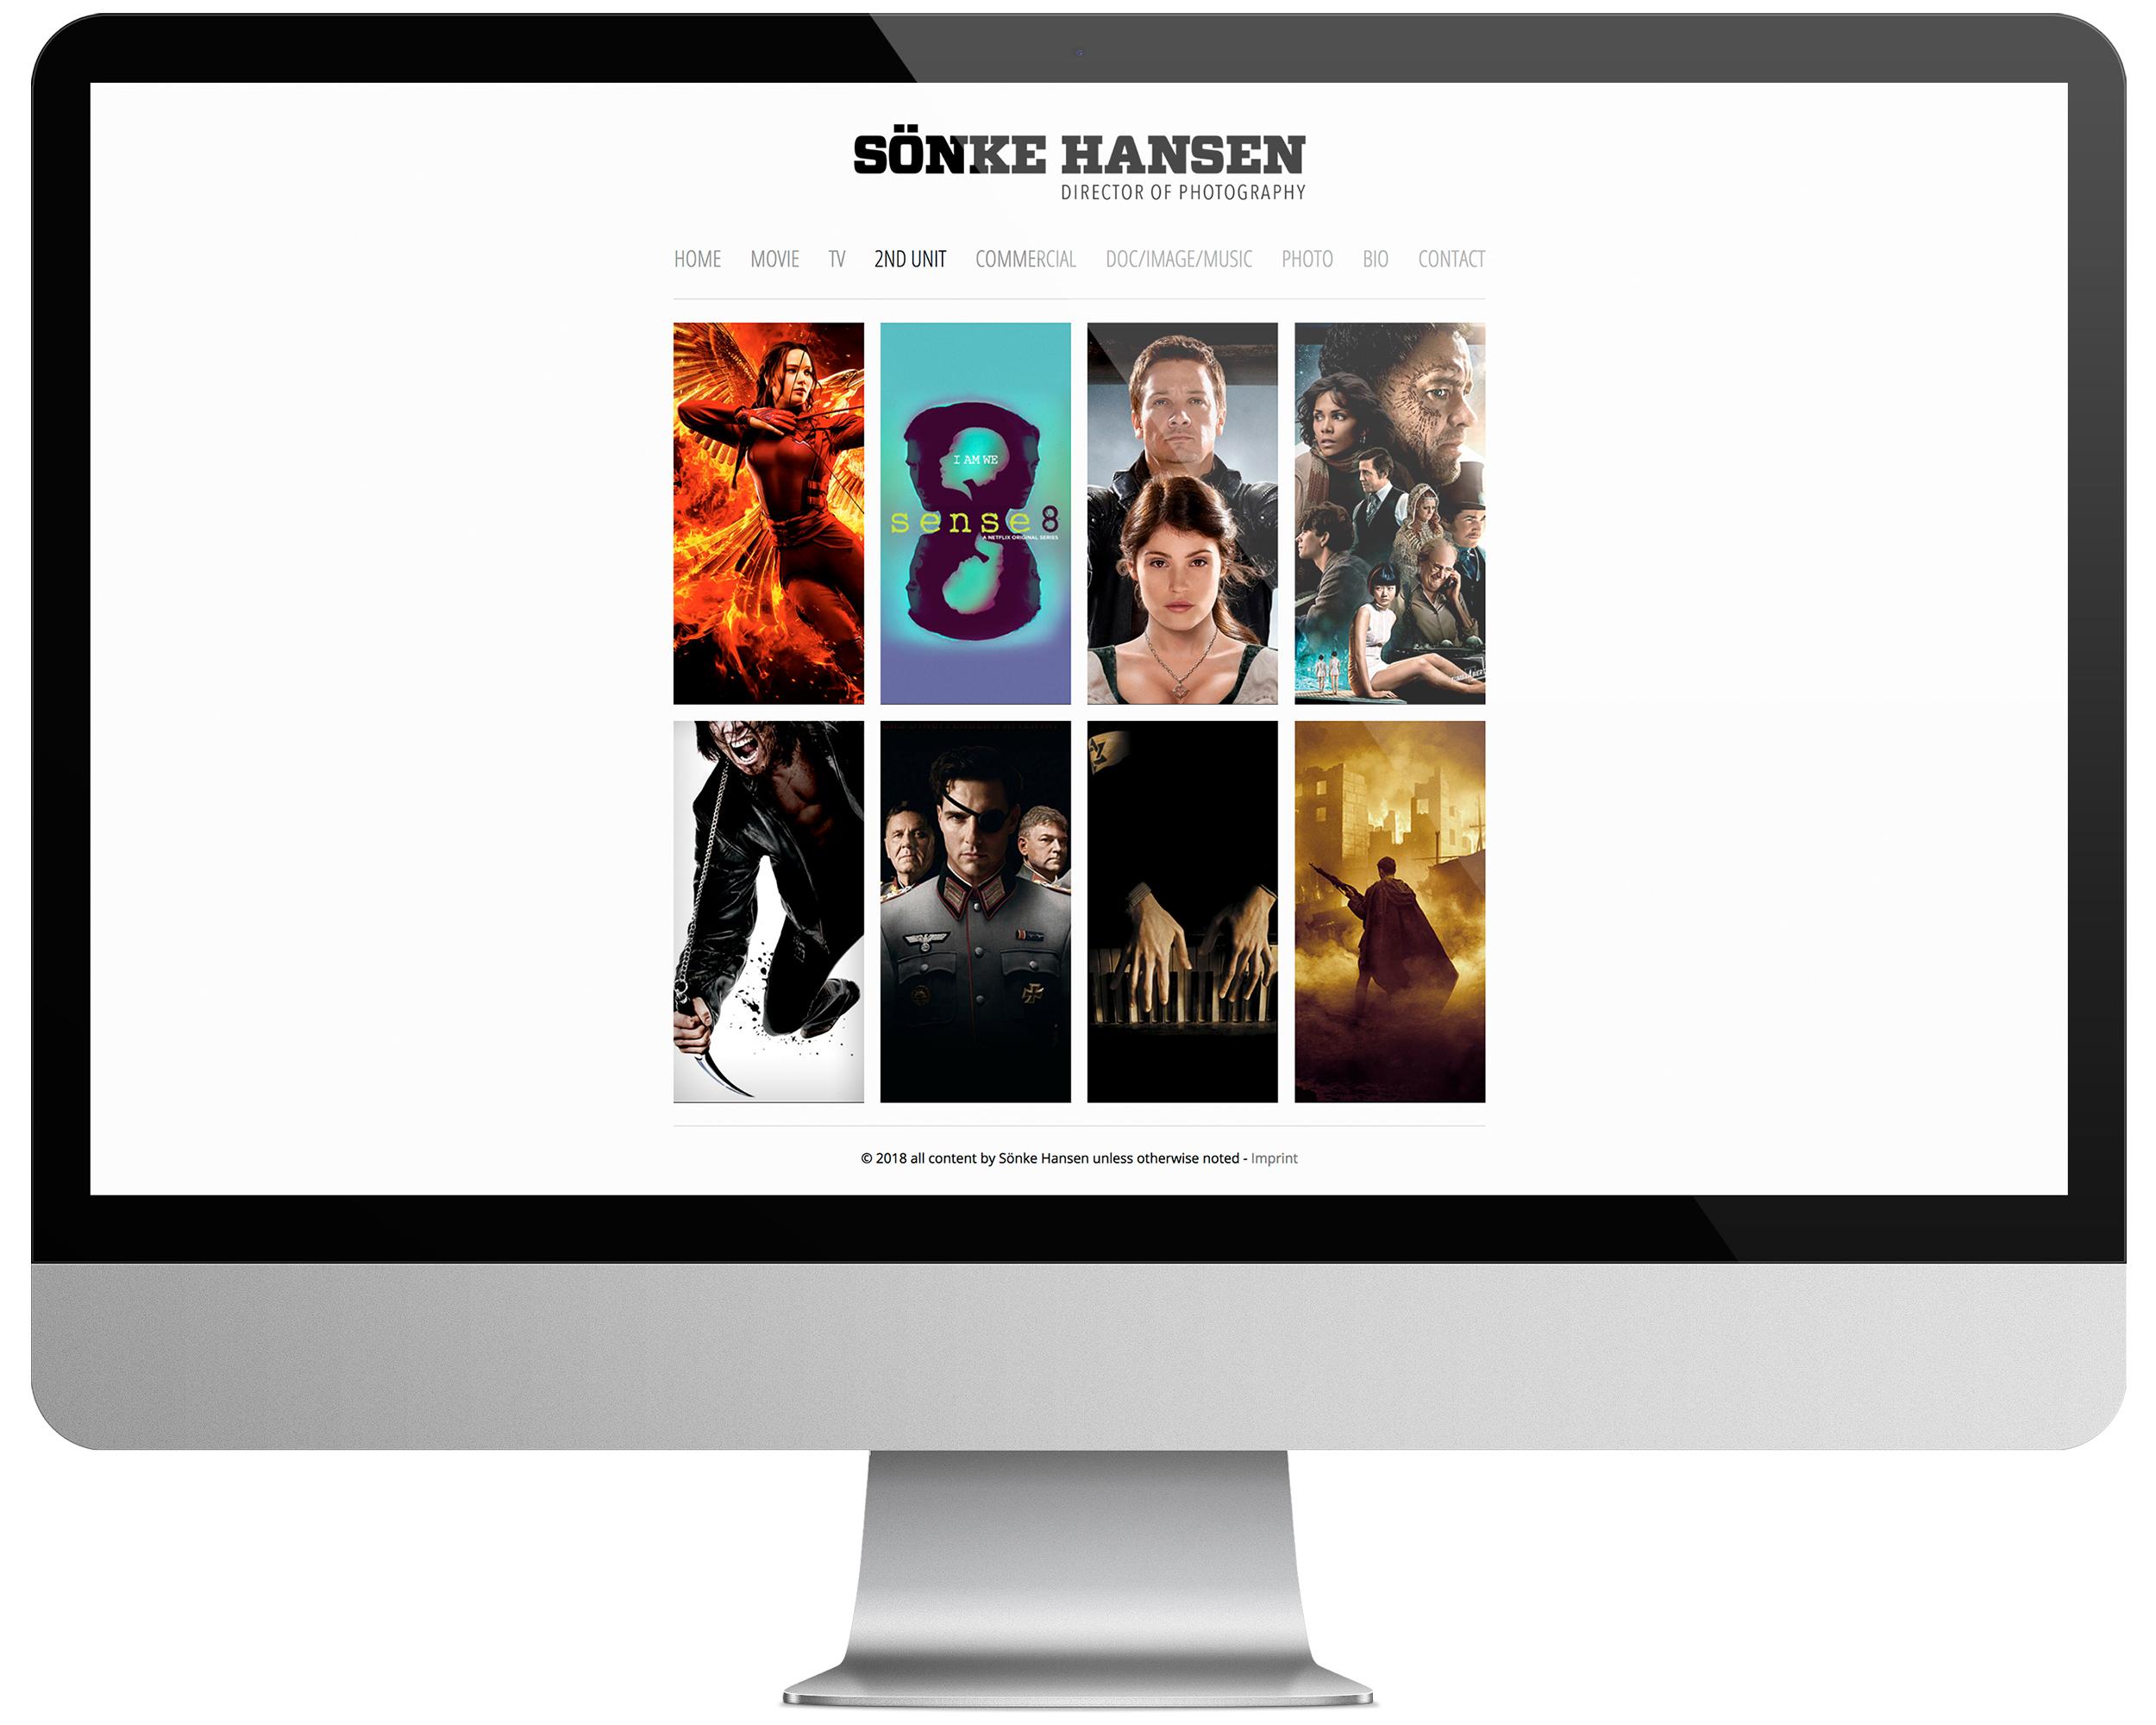 001_Soenke-Hansen_iMAC_2500x2000.jpg